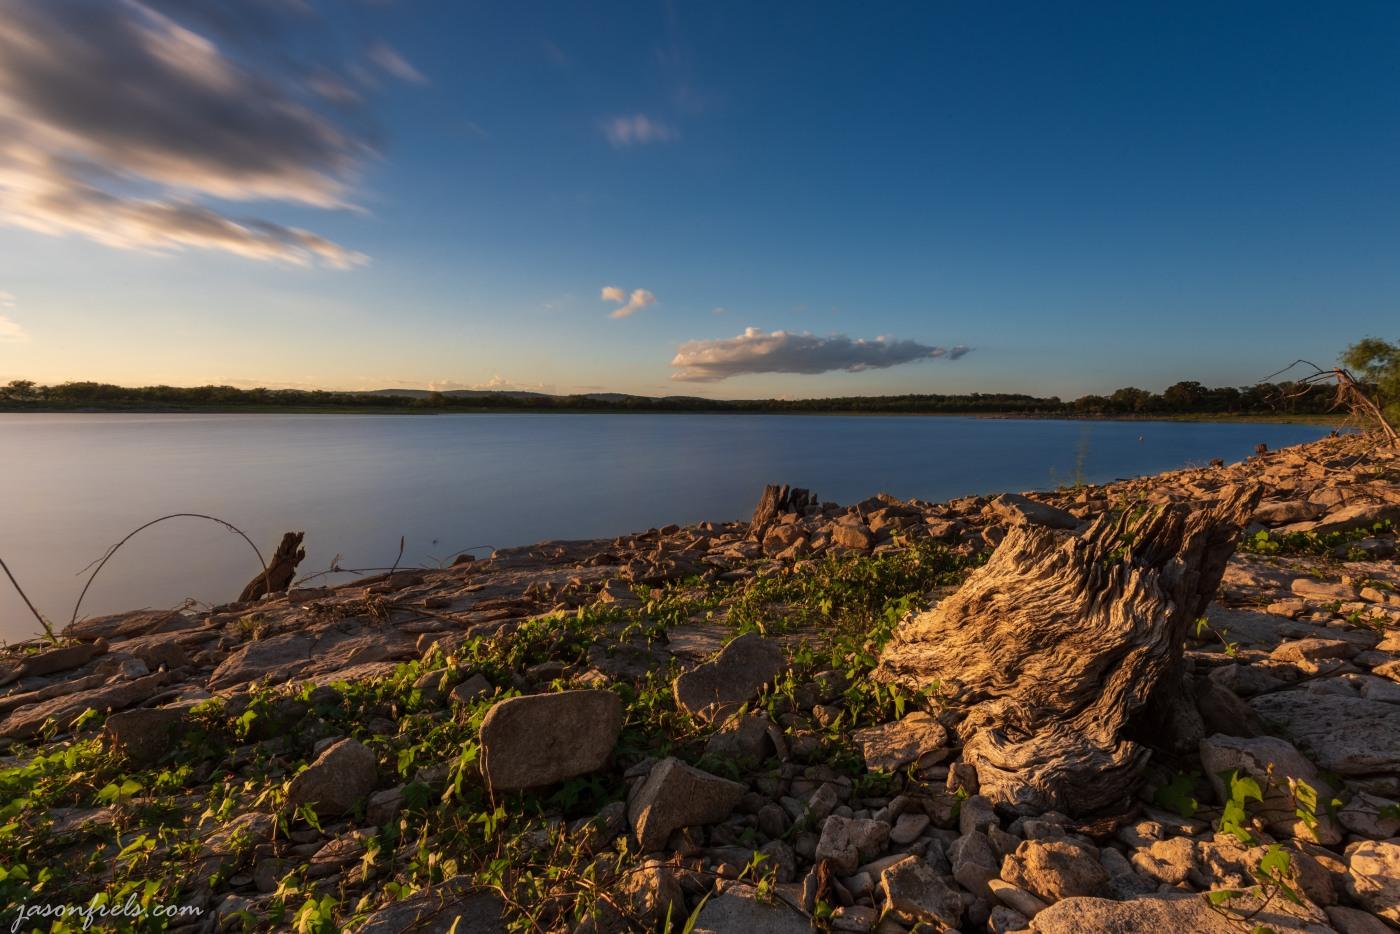 Sunset at Lake Buchanan, long exposure